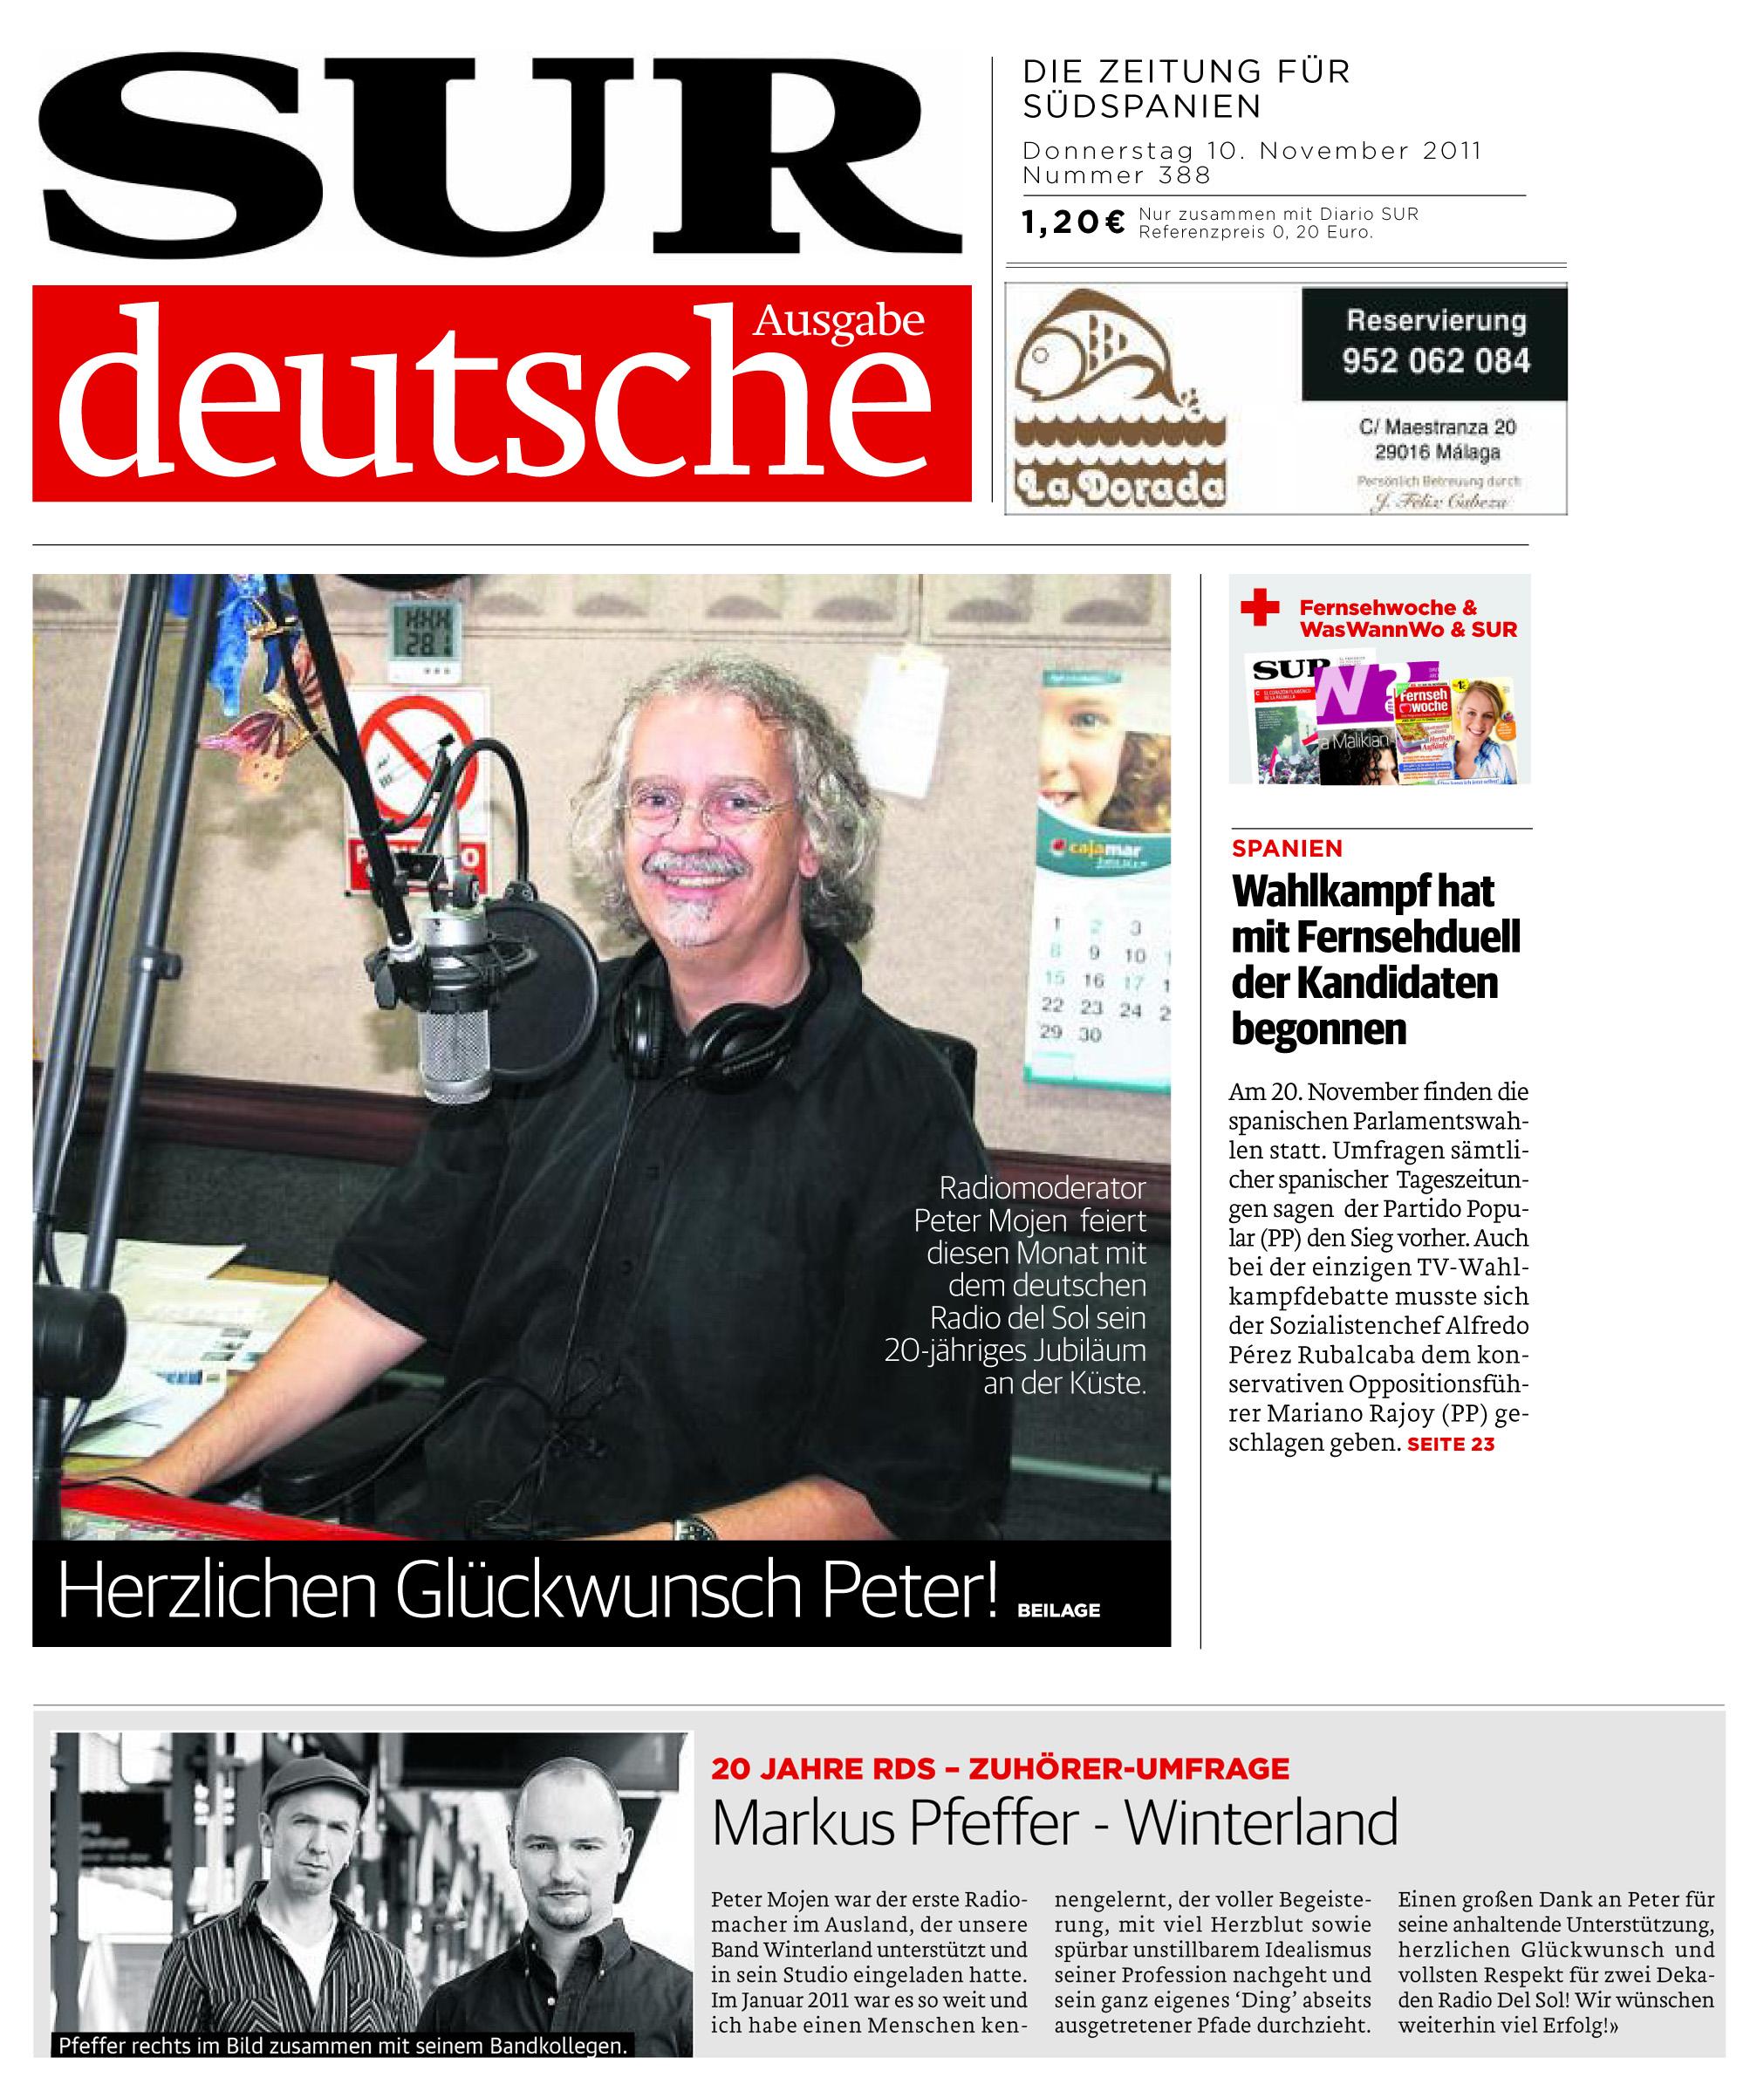 2011-11-10 Surdeutsche JPG